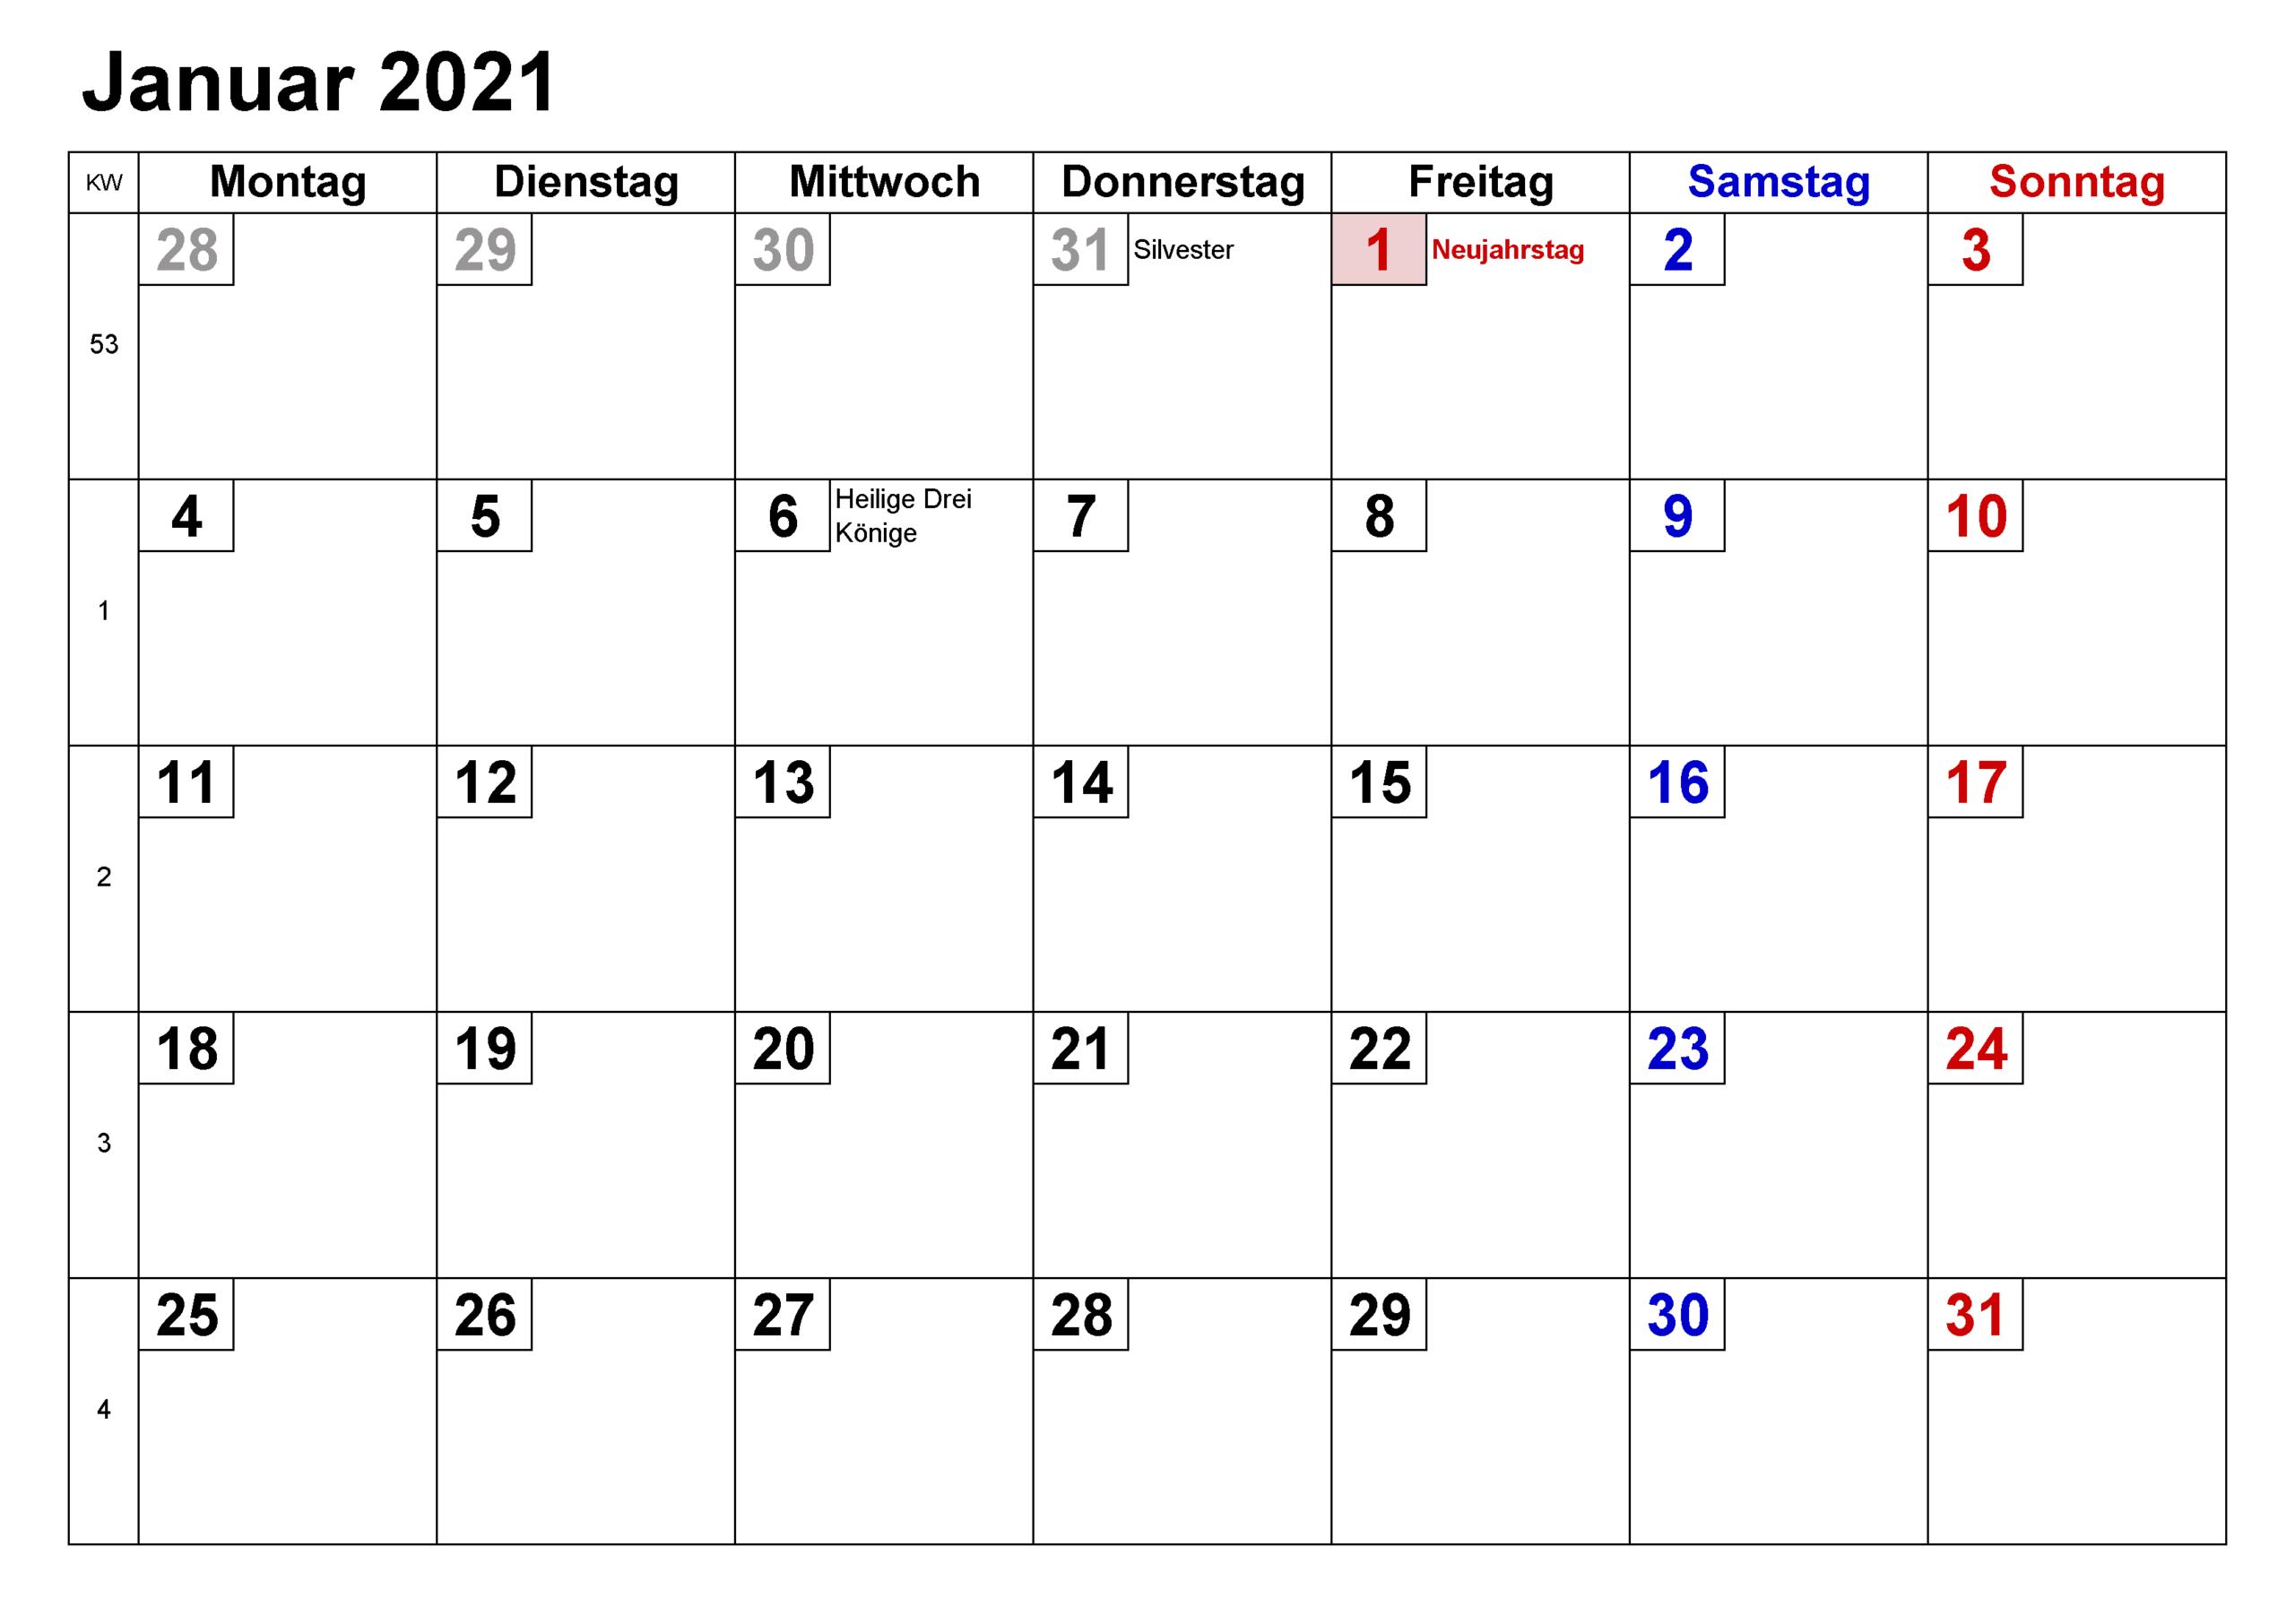 Kalender Januar 2021 Zum Ausdrucken Planer | Zudocalendrio-Kalender 2021 Planer Zum Ausdrucken